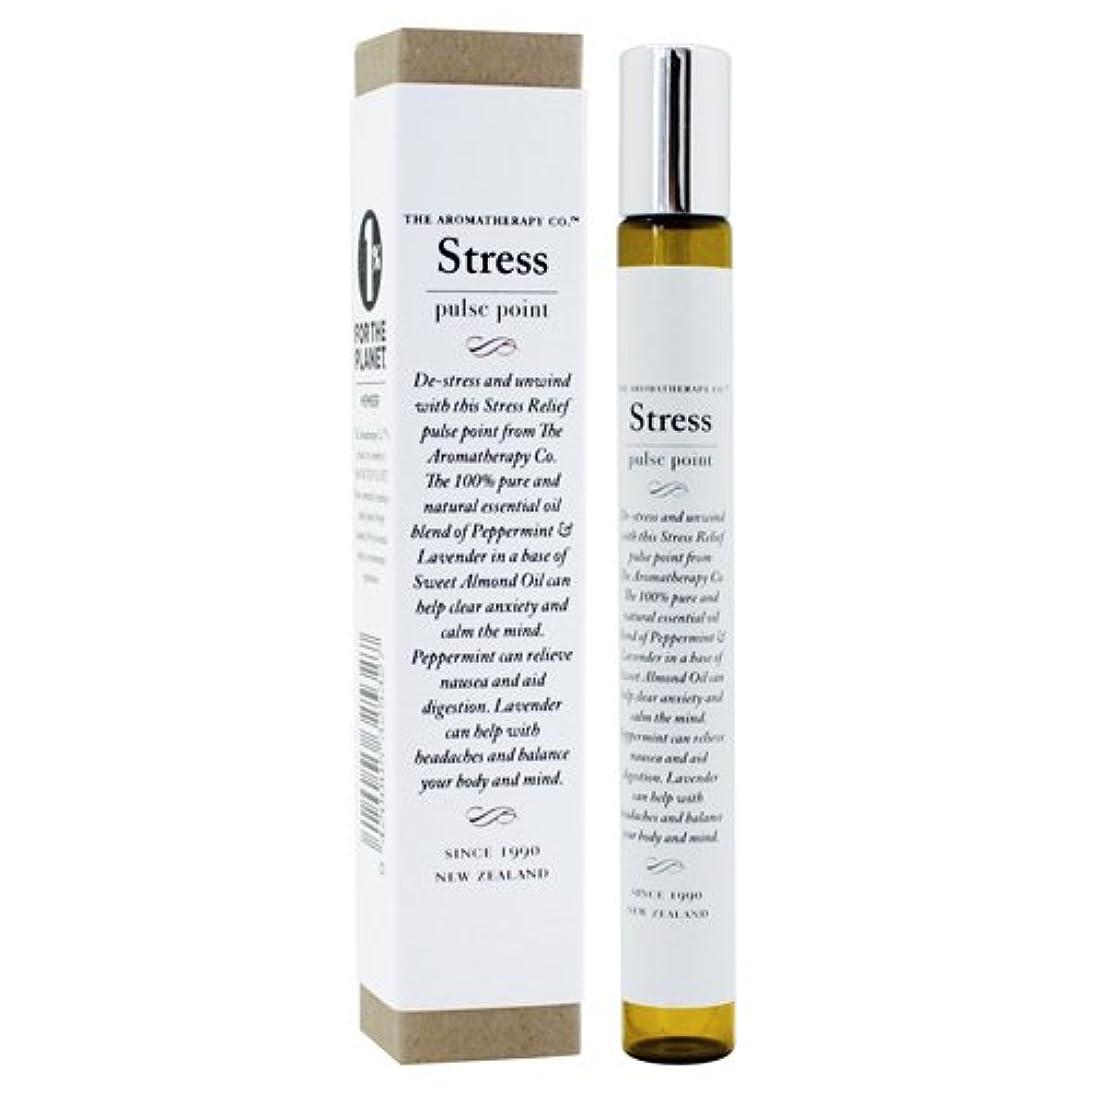 ナインへ激怒二Therapy Range セラピーレンジ Pulse Pointパルスポイント Stressストレス